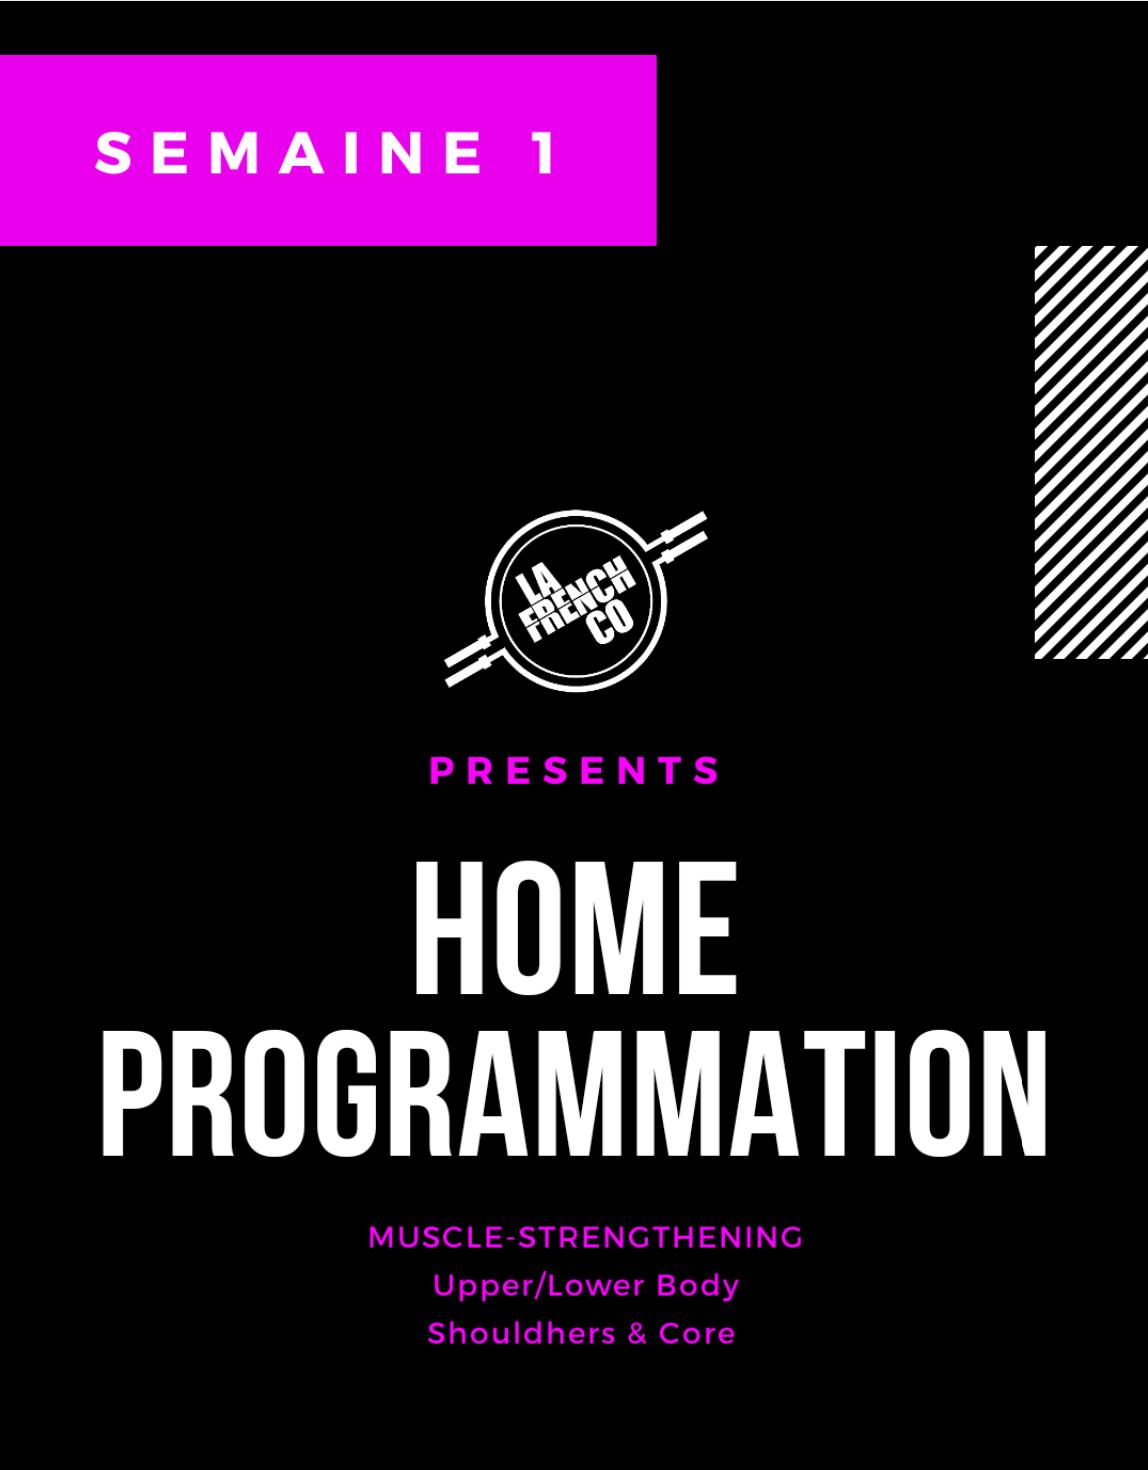 Home Prog, nouveau cycle, semaine 1